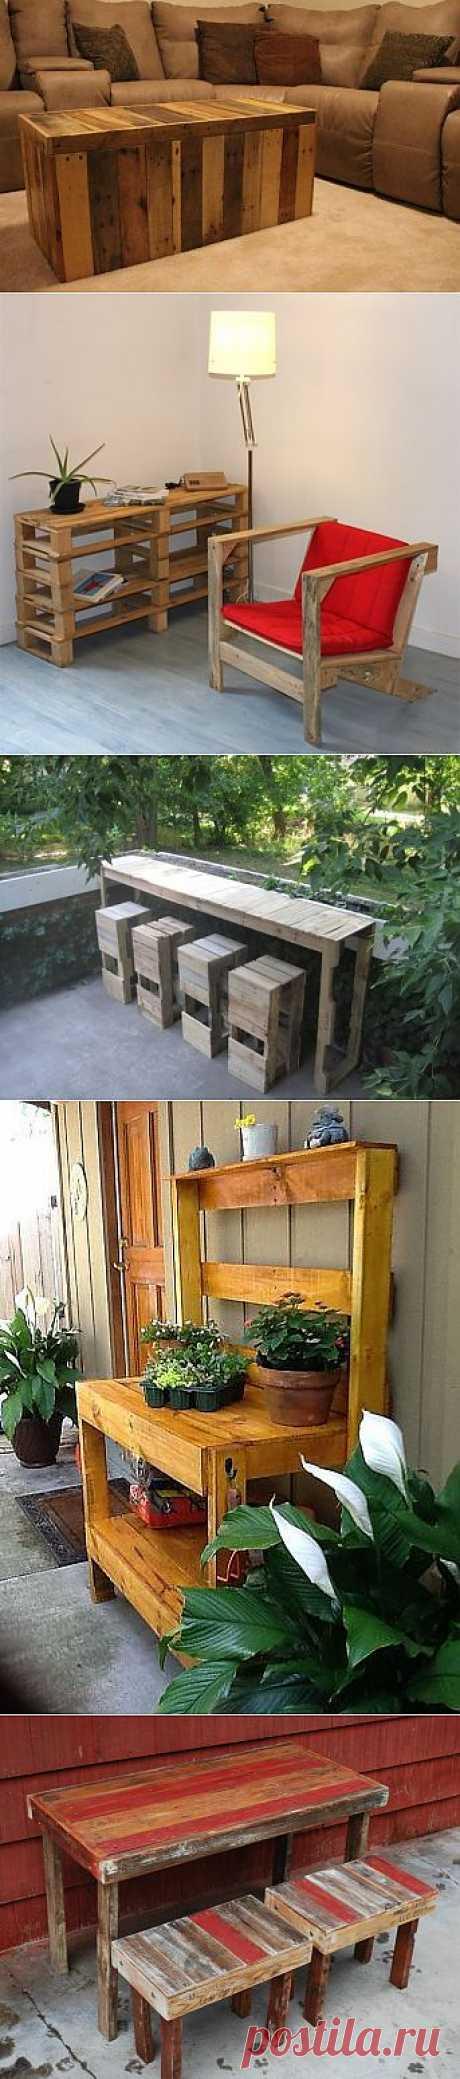 Дома из паллет, мебель из паллет, аксессуары для дома из паллет. Паллеты основательно вошли в нашу жизнь. Диваны, кровати, качели, кресла, стулья, скамейки, Оформление стен. Столы кухонные, обеденные, туалетные, журнальные, барные, садовые. Шкафы, тумбы, полки. Аксессуары для ванной и кухни Двери и лестница. Оформления сада и детские площадки Дома из паллет Всё для жизни - из паллет ( трафик) / Мебель /